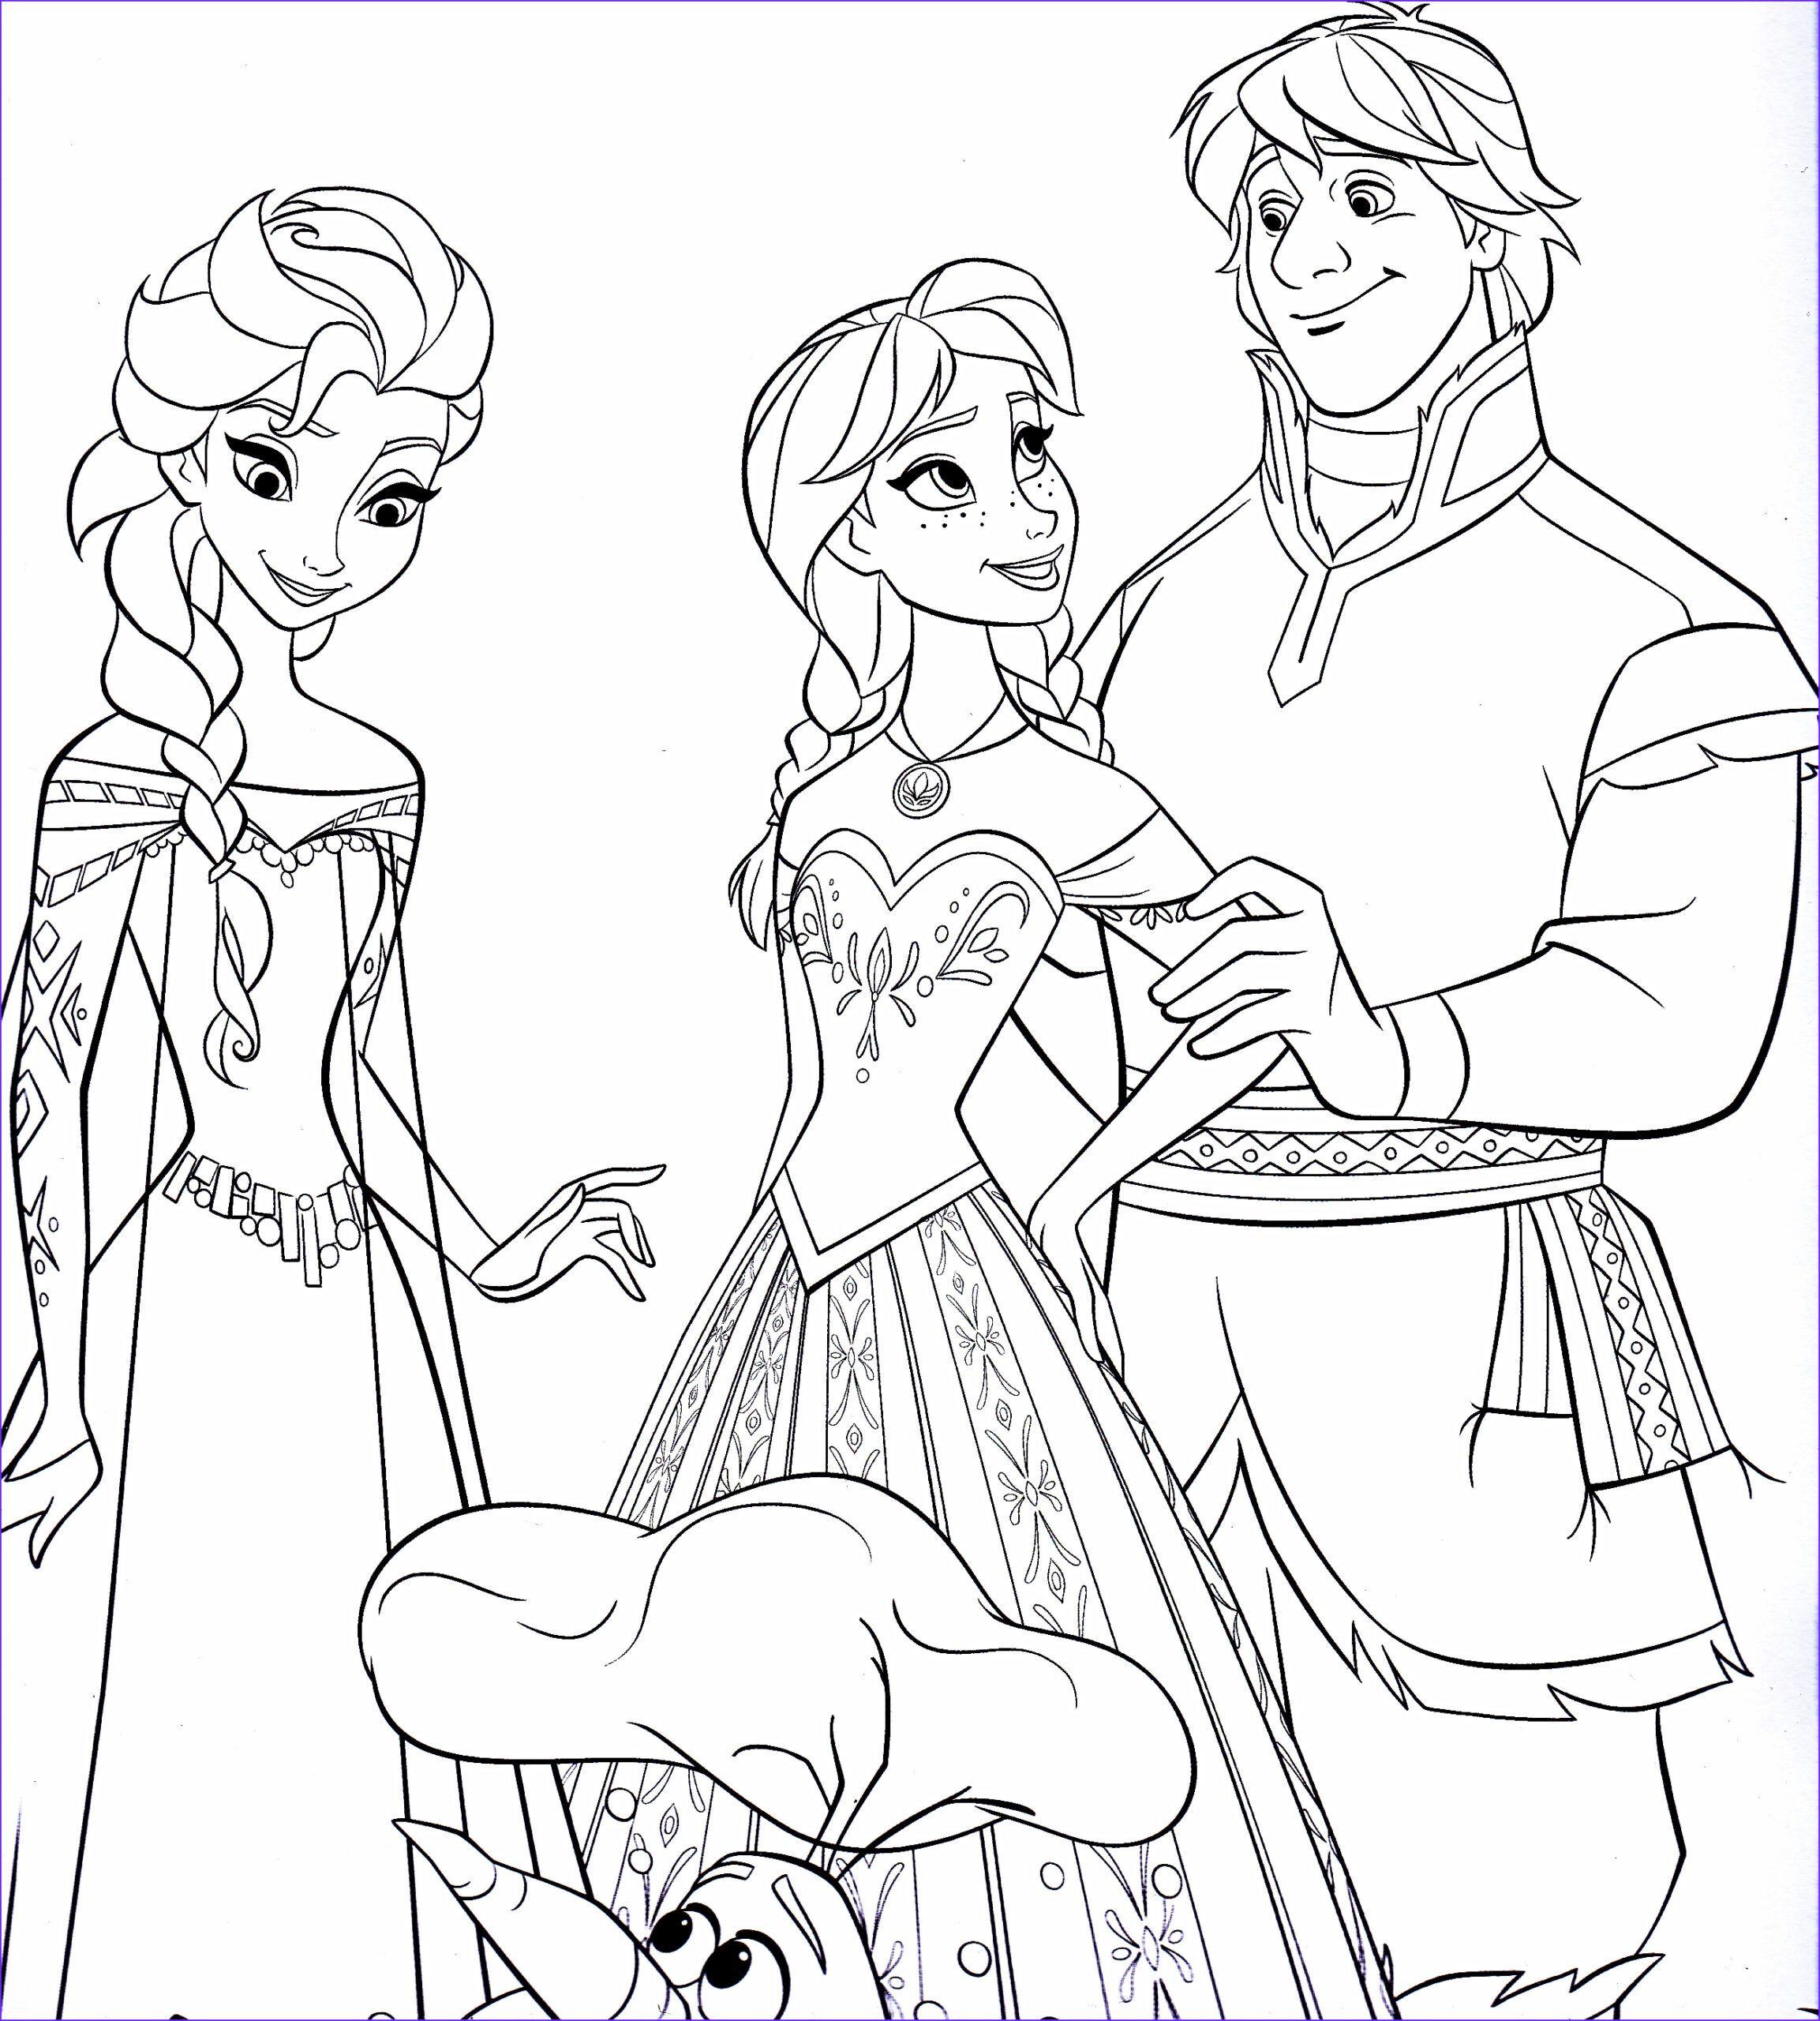 Disney S Frozen Colouring Pages Elsa Coloring Pages Frozen Coloring Pages Elsa Coloring